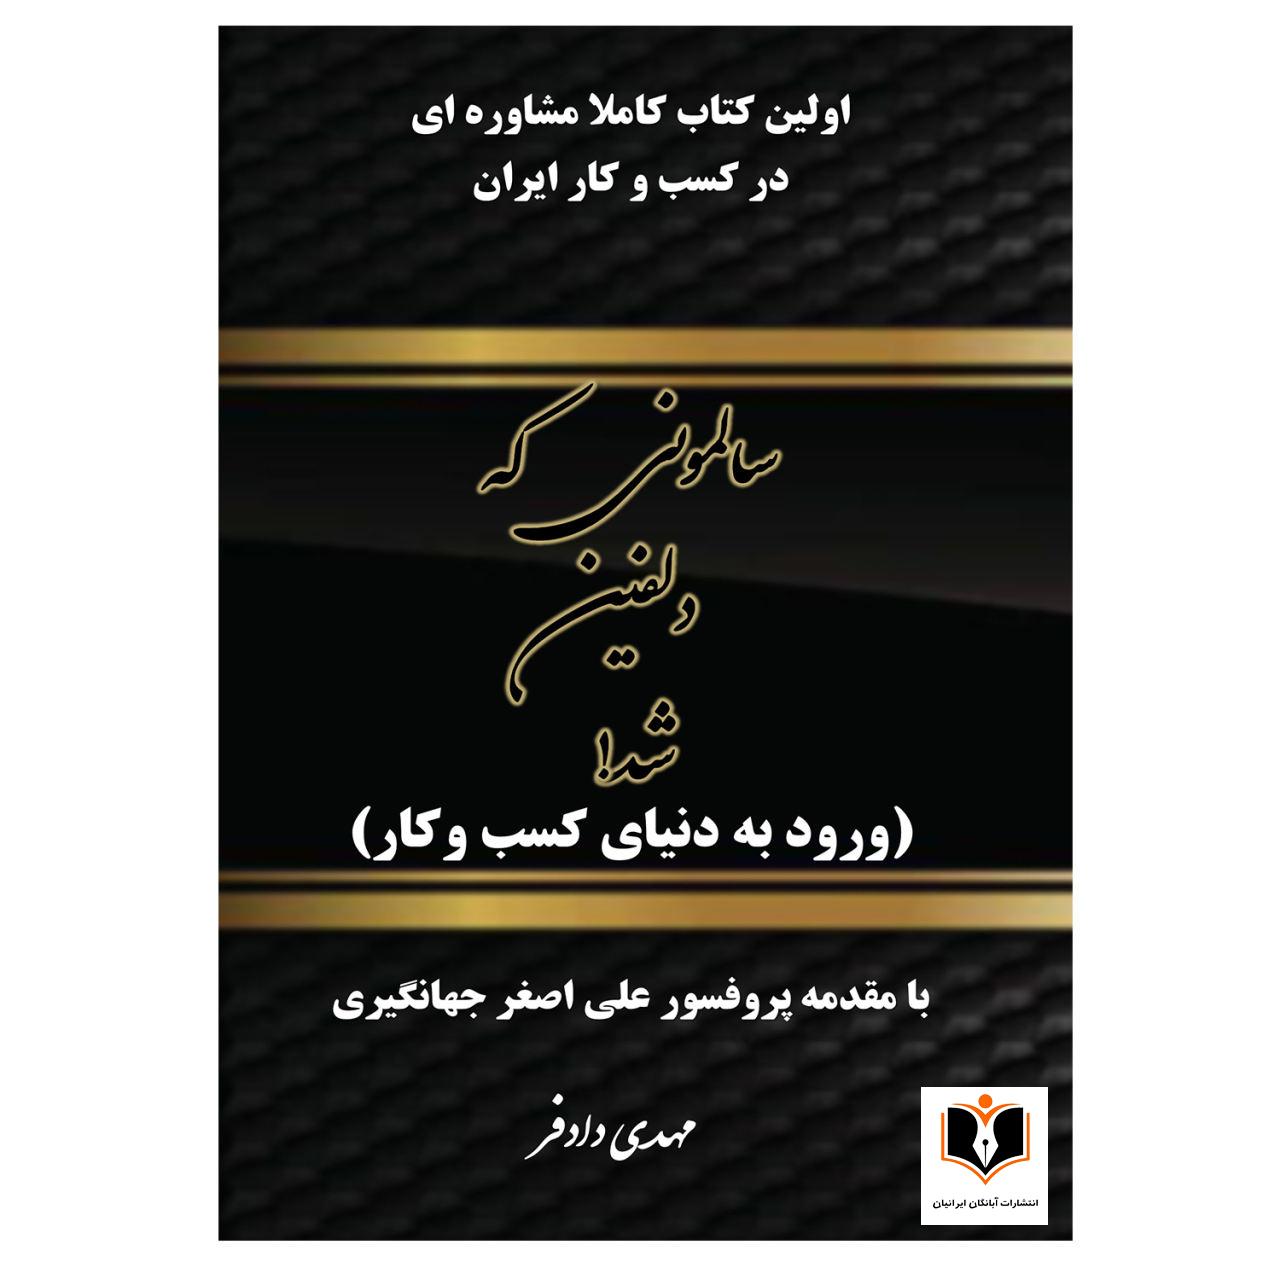 کتاب سالمونی که دلفین شد اثر مهدی دادفر انتشارات آبانگان ایرانیان